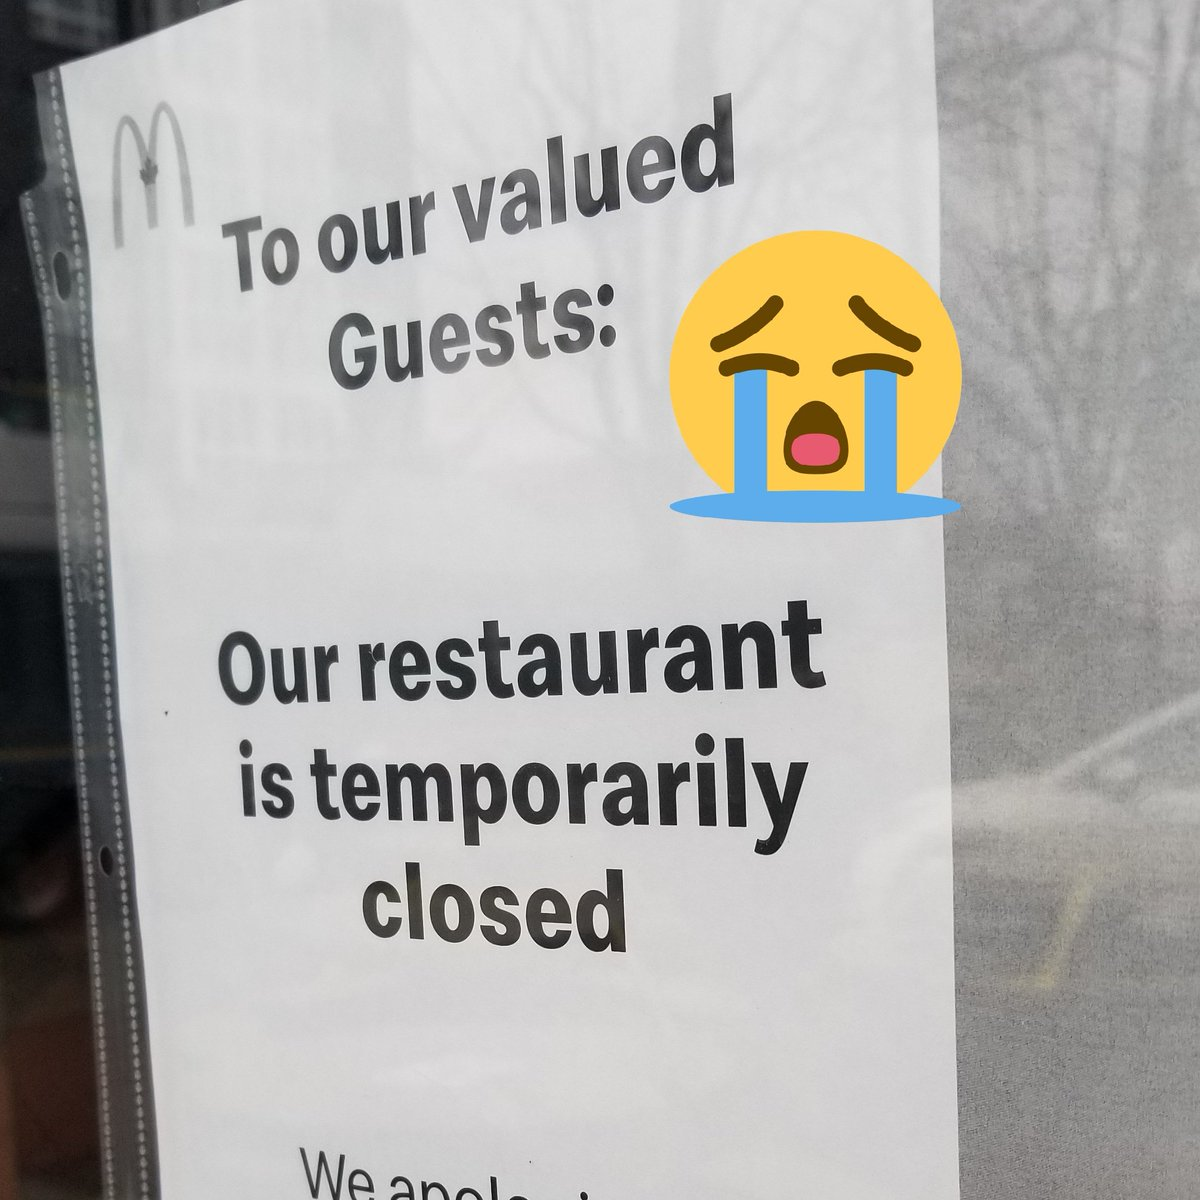 😭😭😭 Closed! @McDonaldsCanada #fishfryday #fishfriday #eastvan #food #foodies #foodie #foodblog #vancouver #vancouverbc #yvreats #yvr #vancity #yvrfoodies #vancouverfood #vancouverfoodie #vancouverfoodies #burnaby #newwest #surreybc #richmondbc #Canucks